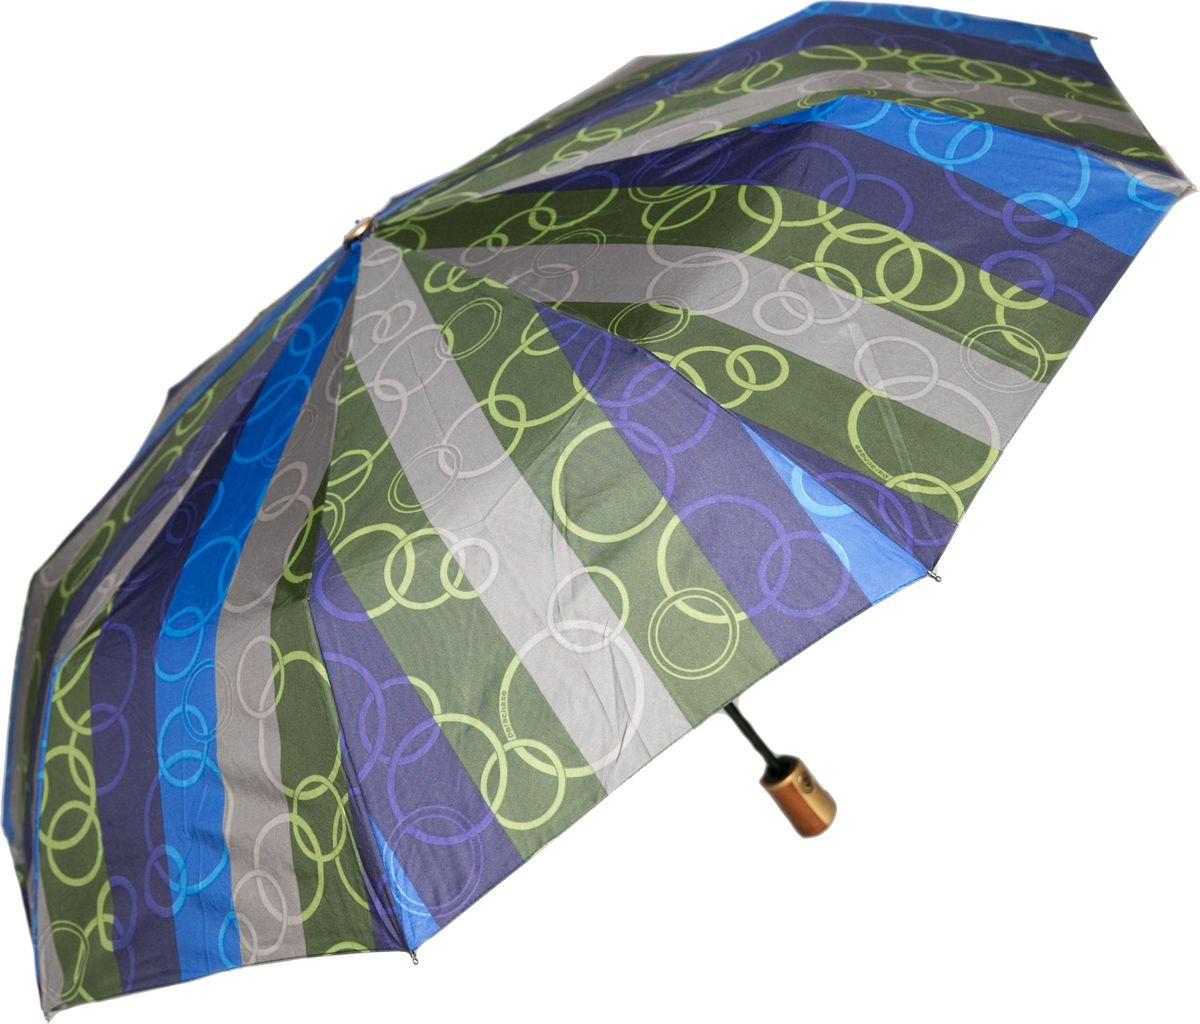 Зонт женский Mitya Veselkov, цвет: синий. ZONT2-01ZONT2-01Прекрасный и надежный автоматический зонт Mitya Veselkov укроет от дождя и станет стильным аксессуаром, дополняющим Ваш образ. Ширина купола 100 см.